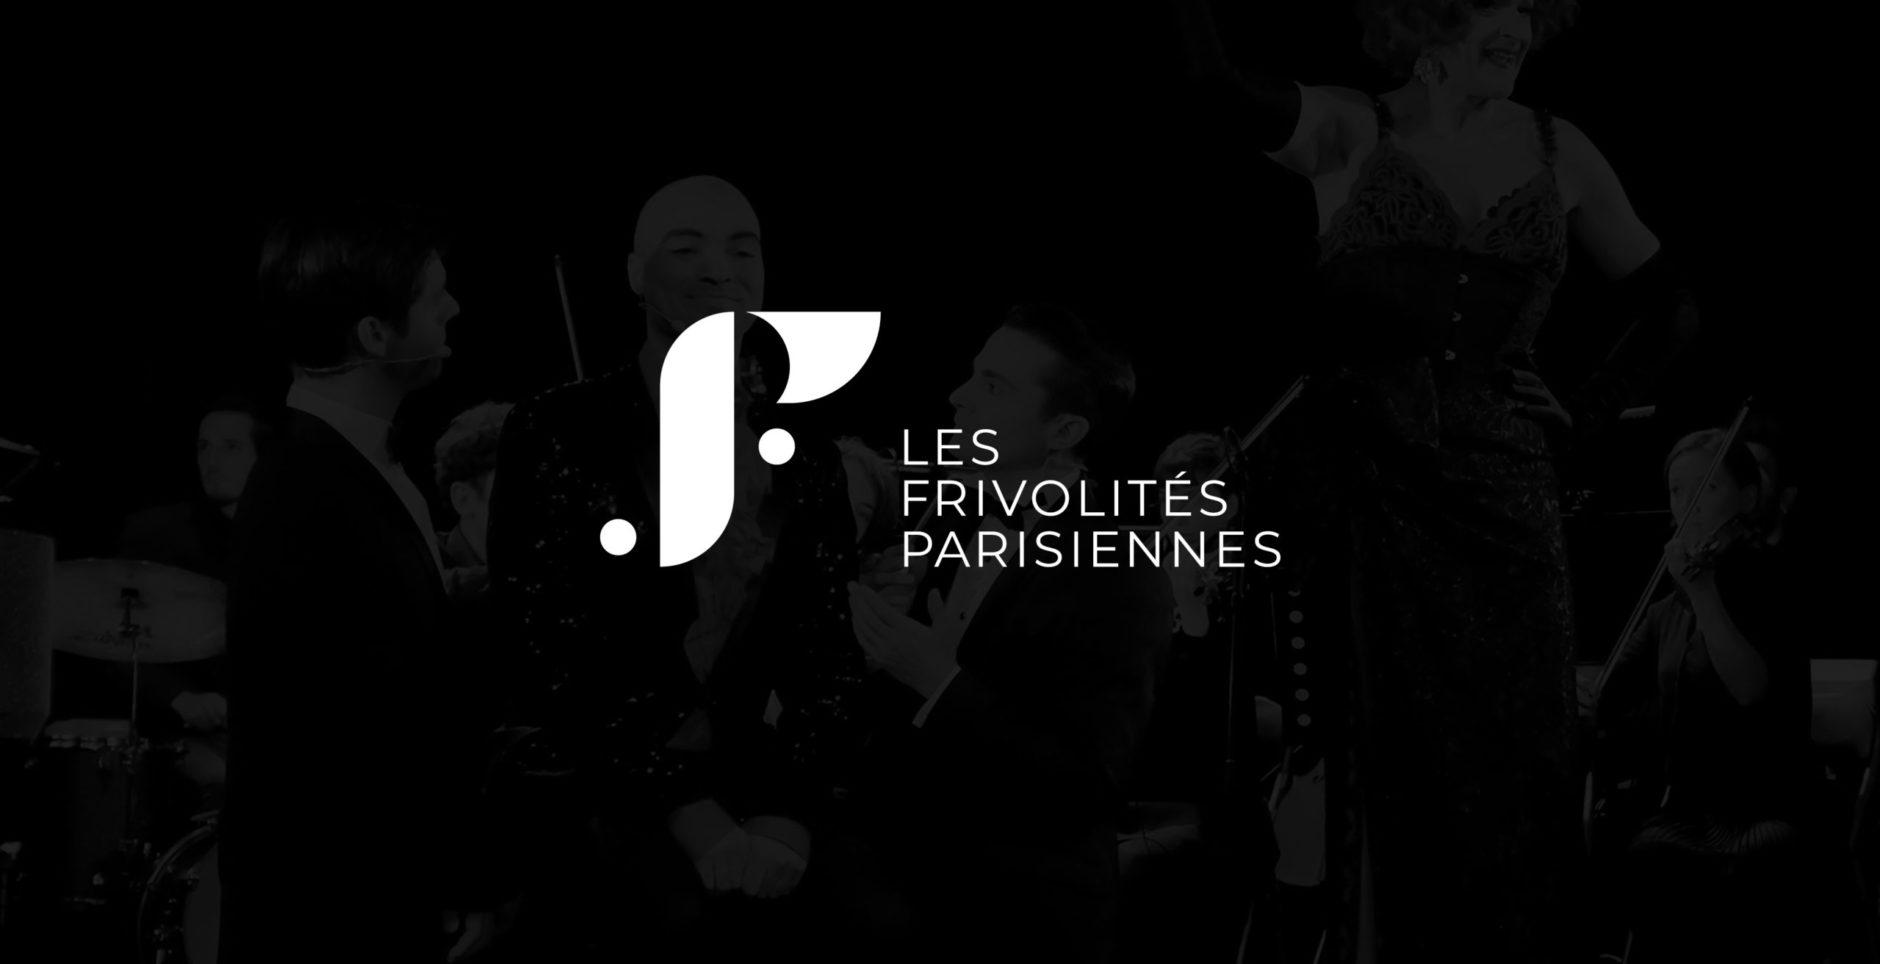 Identité visuelle orchestre musique classique